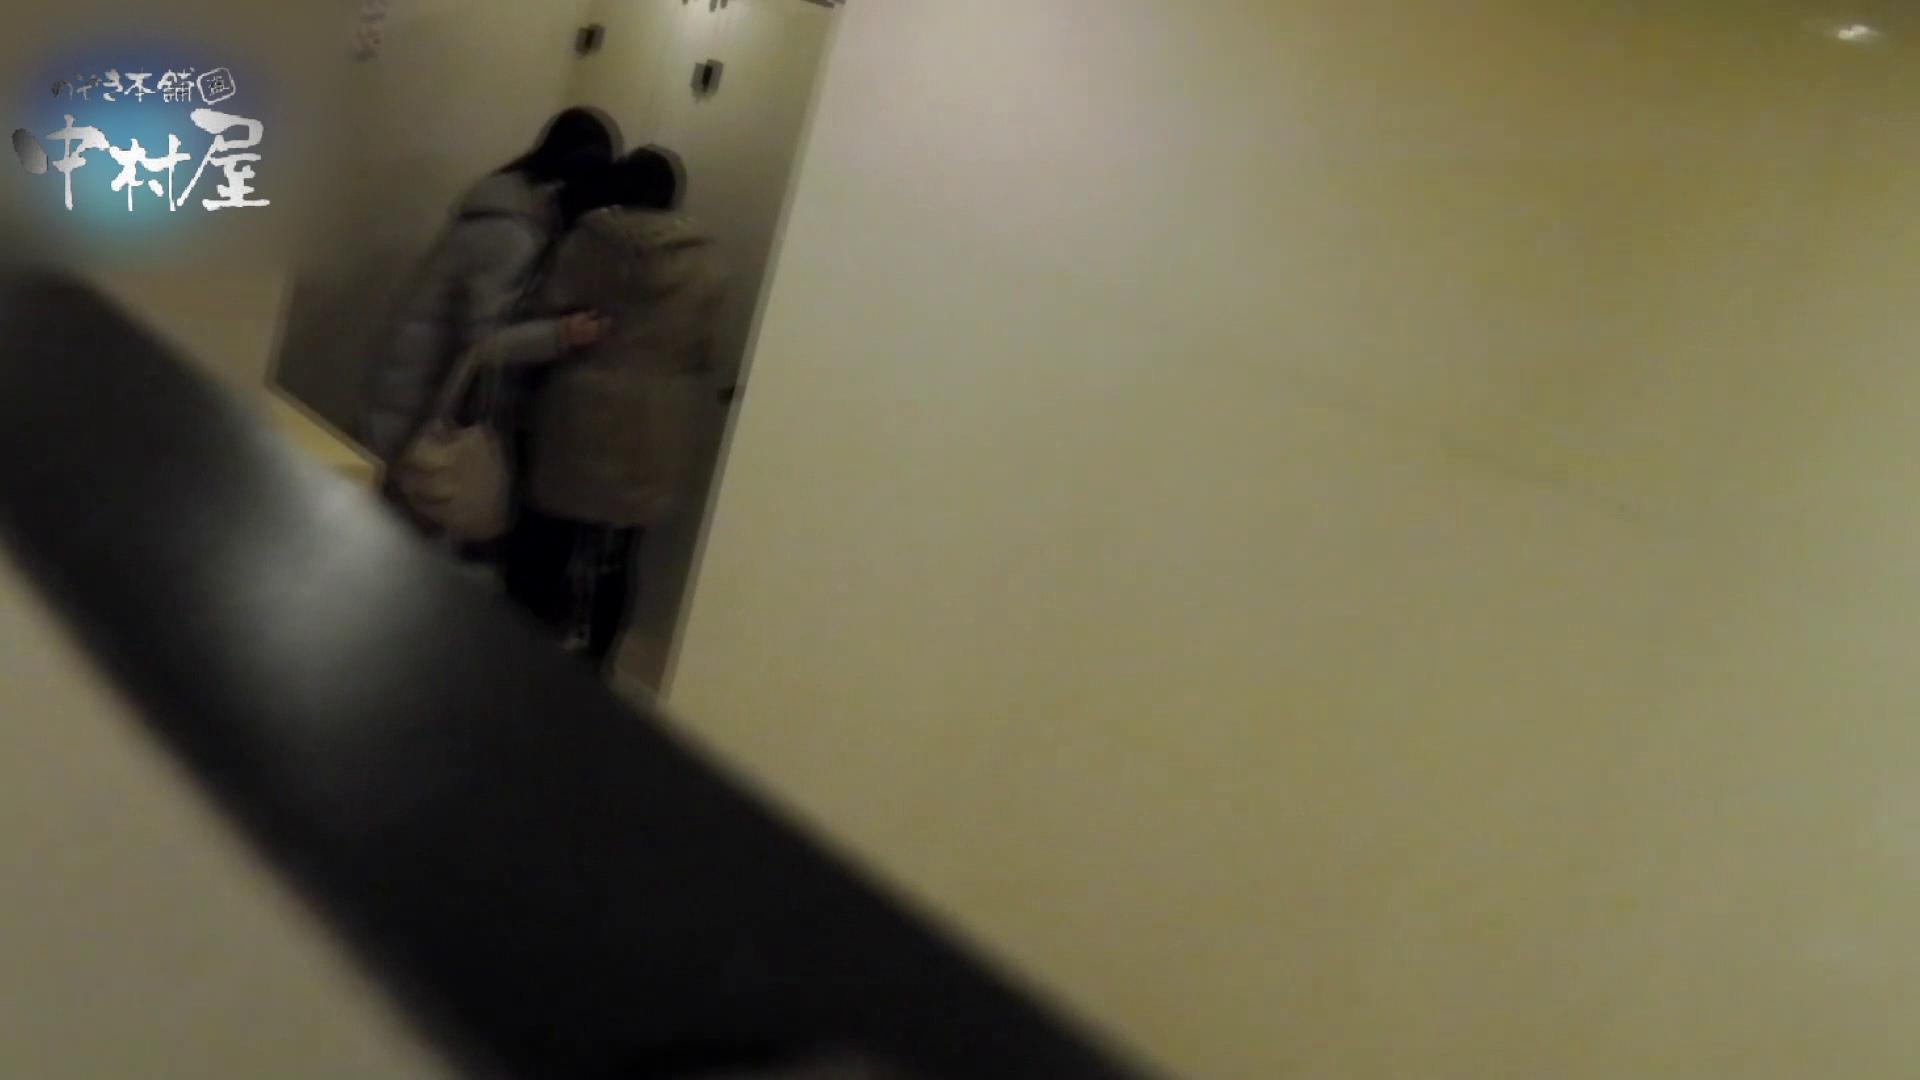 乙女集まる!ショッピングモール潜入撮vol.02 乙女 ワレメ無修正動画無料 76連発 57